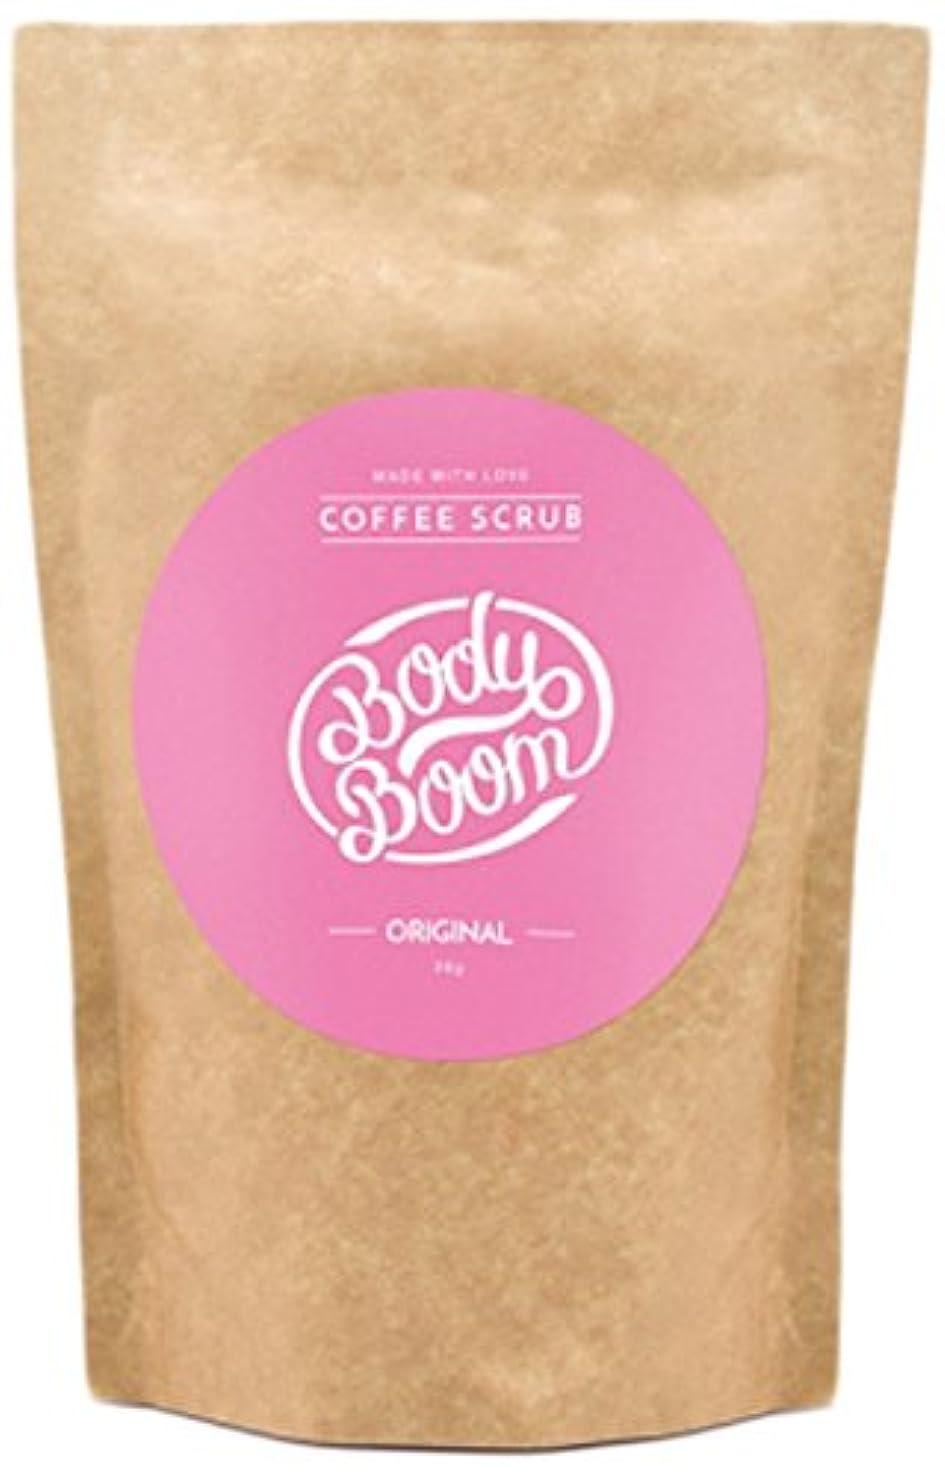 思われる整然としたワーディアンケースコーヒースクラブ Body Boom ボディブーム オリジナル 30g